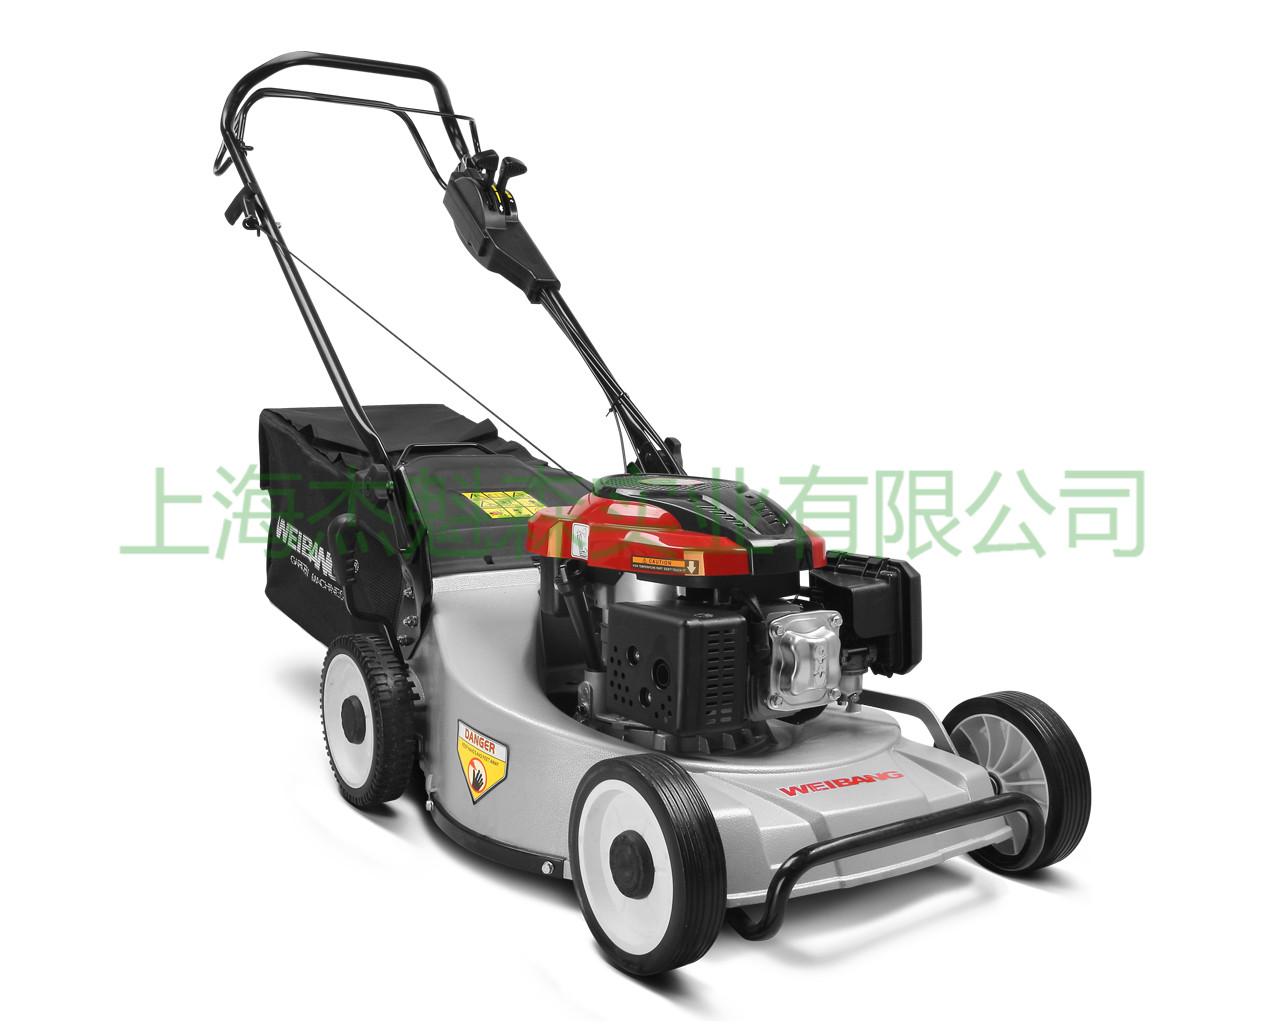 Unimax eje de transmisión el chasis de aluminio de la cortadora de césped de la cortadora de césped WB537SCAL-S chasis de aleación de aluminio